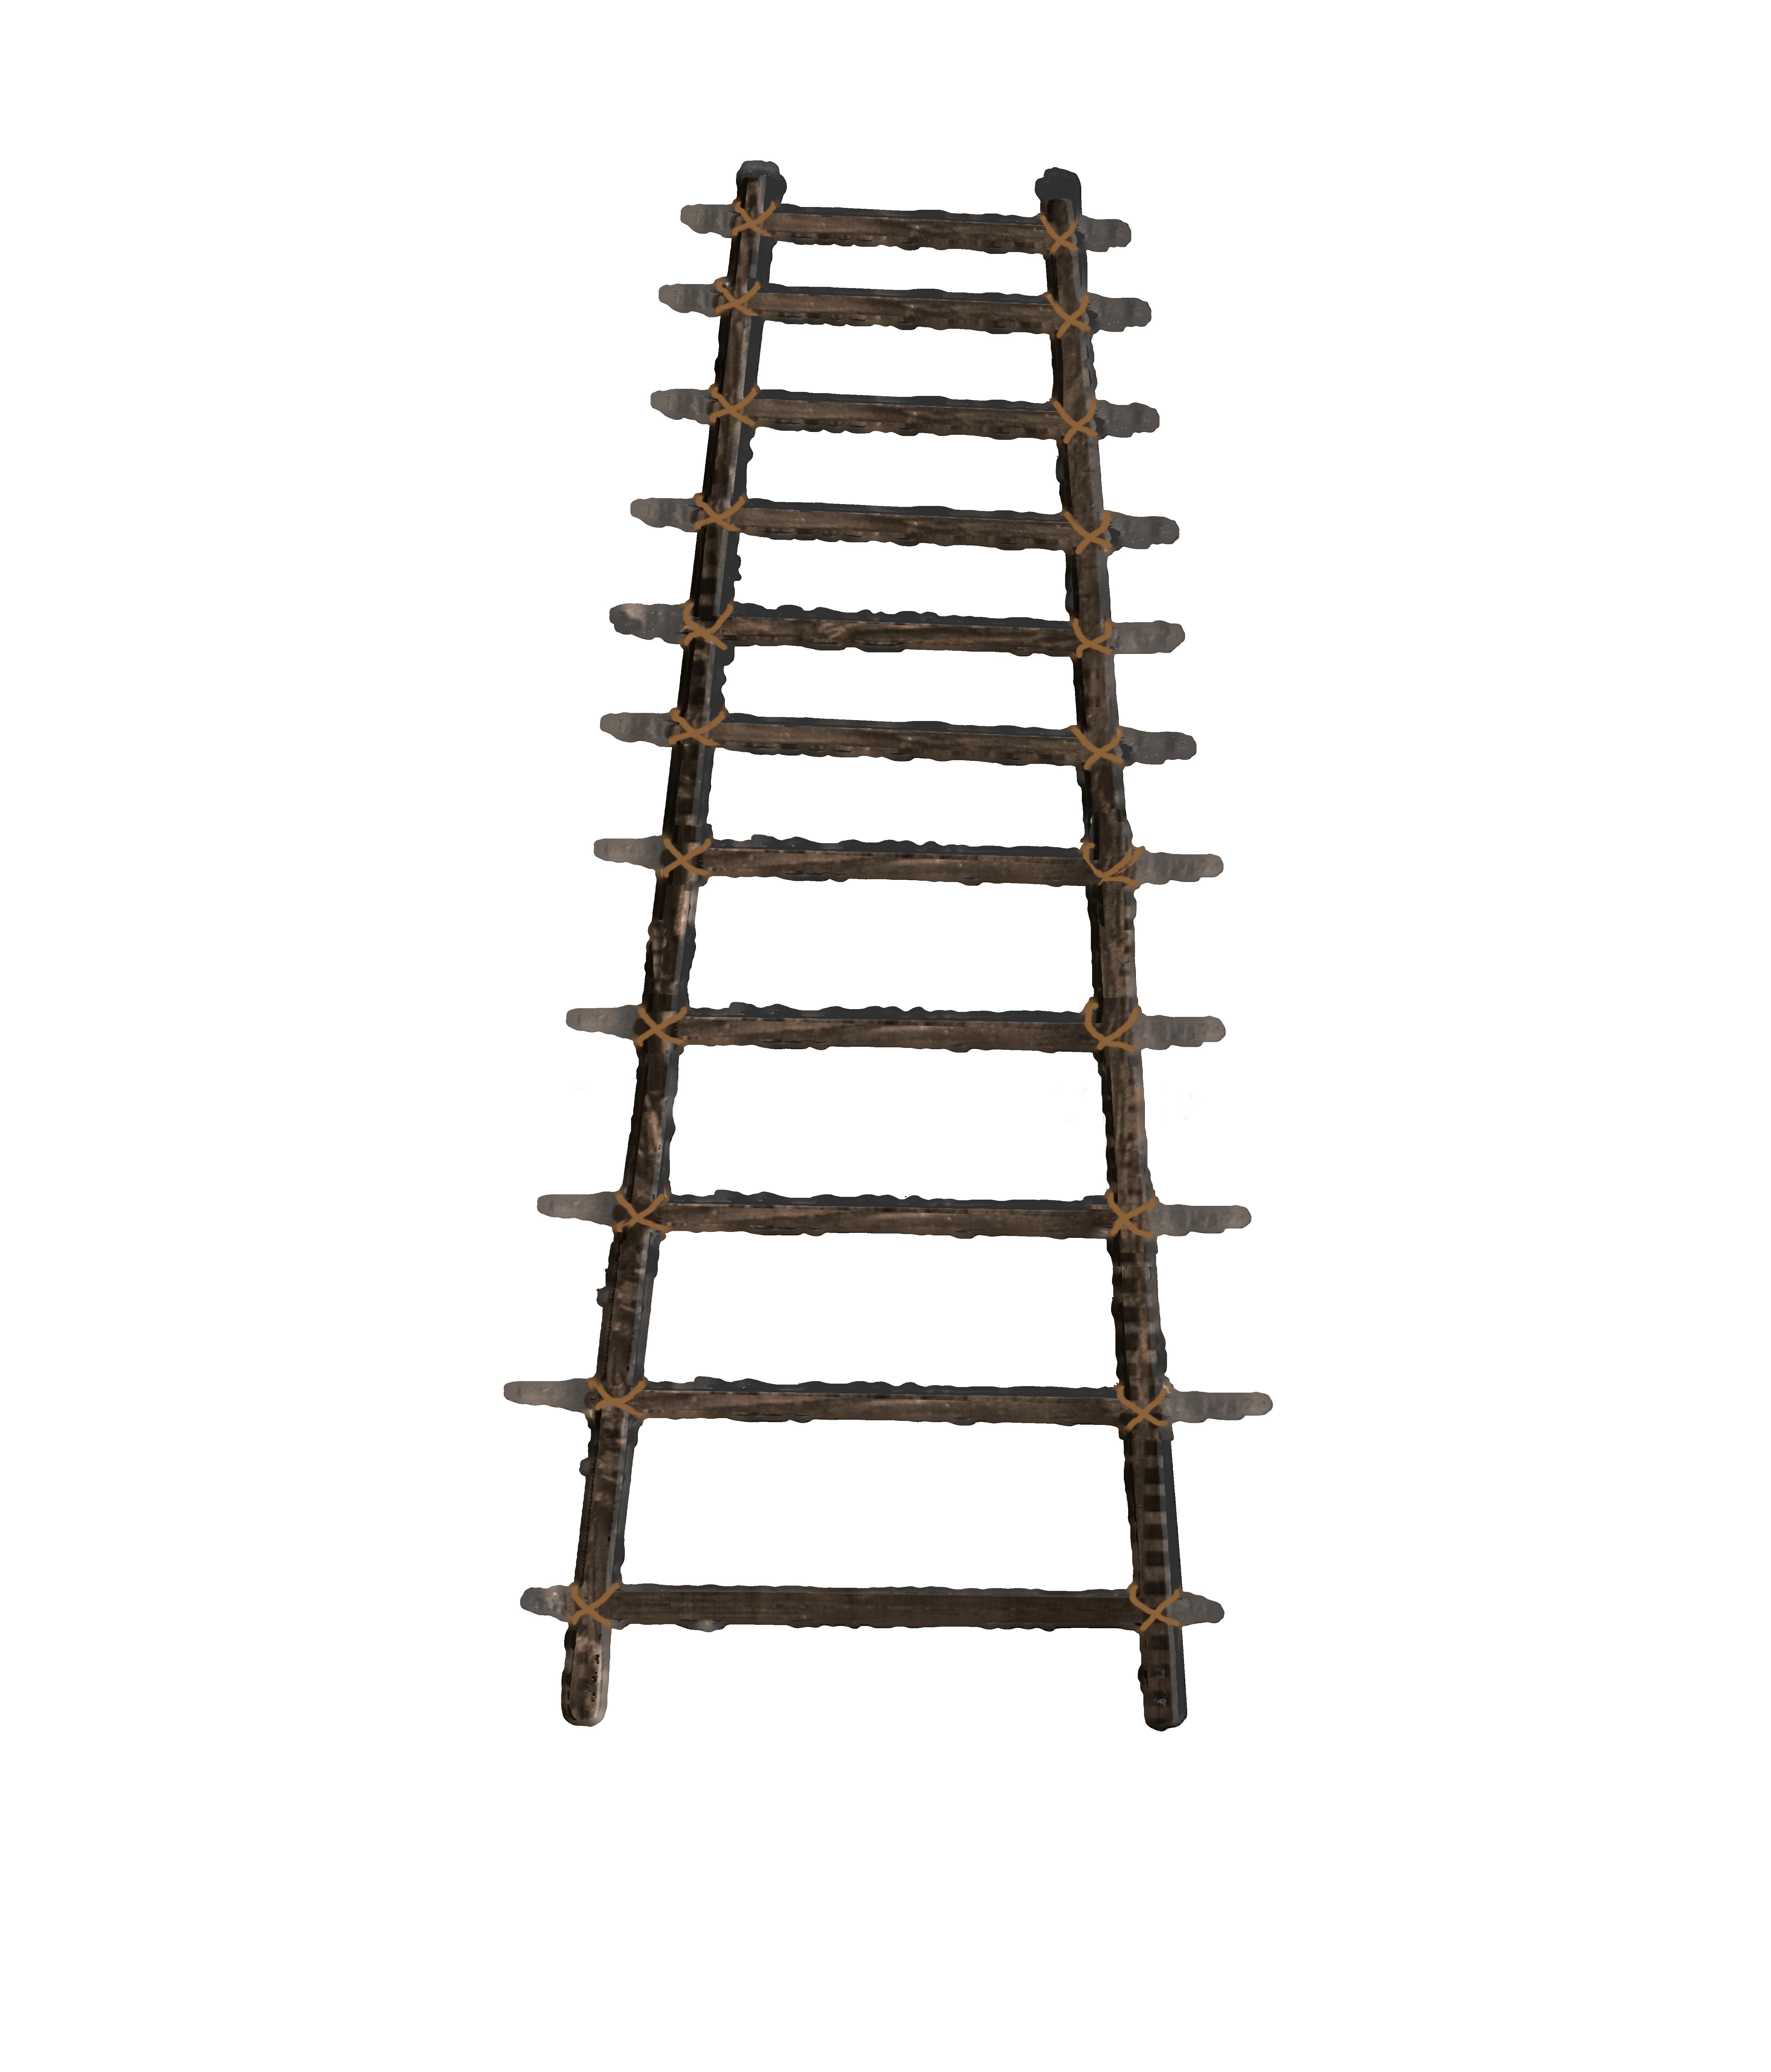 Hd png transparent images. Ladder clipart wood ladder